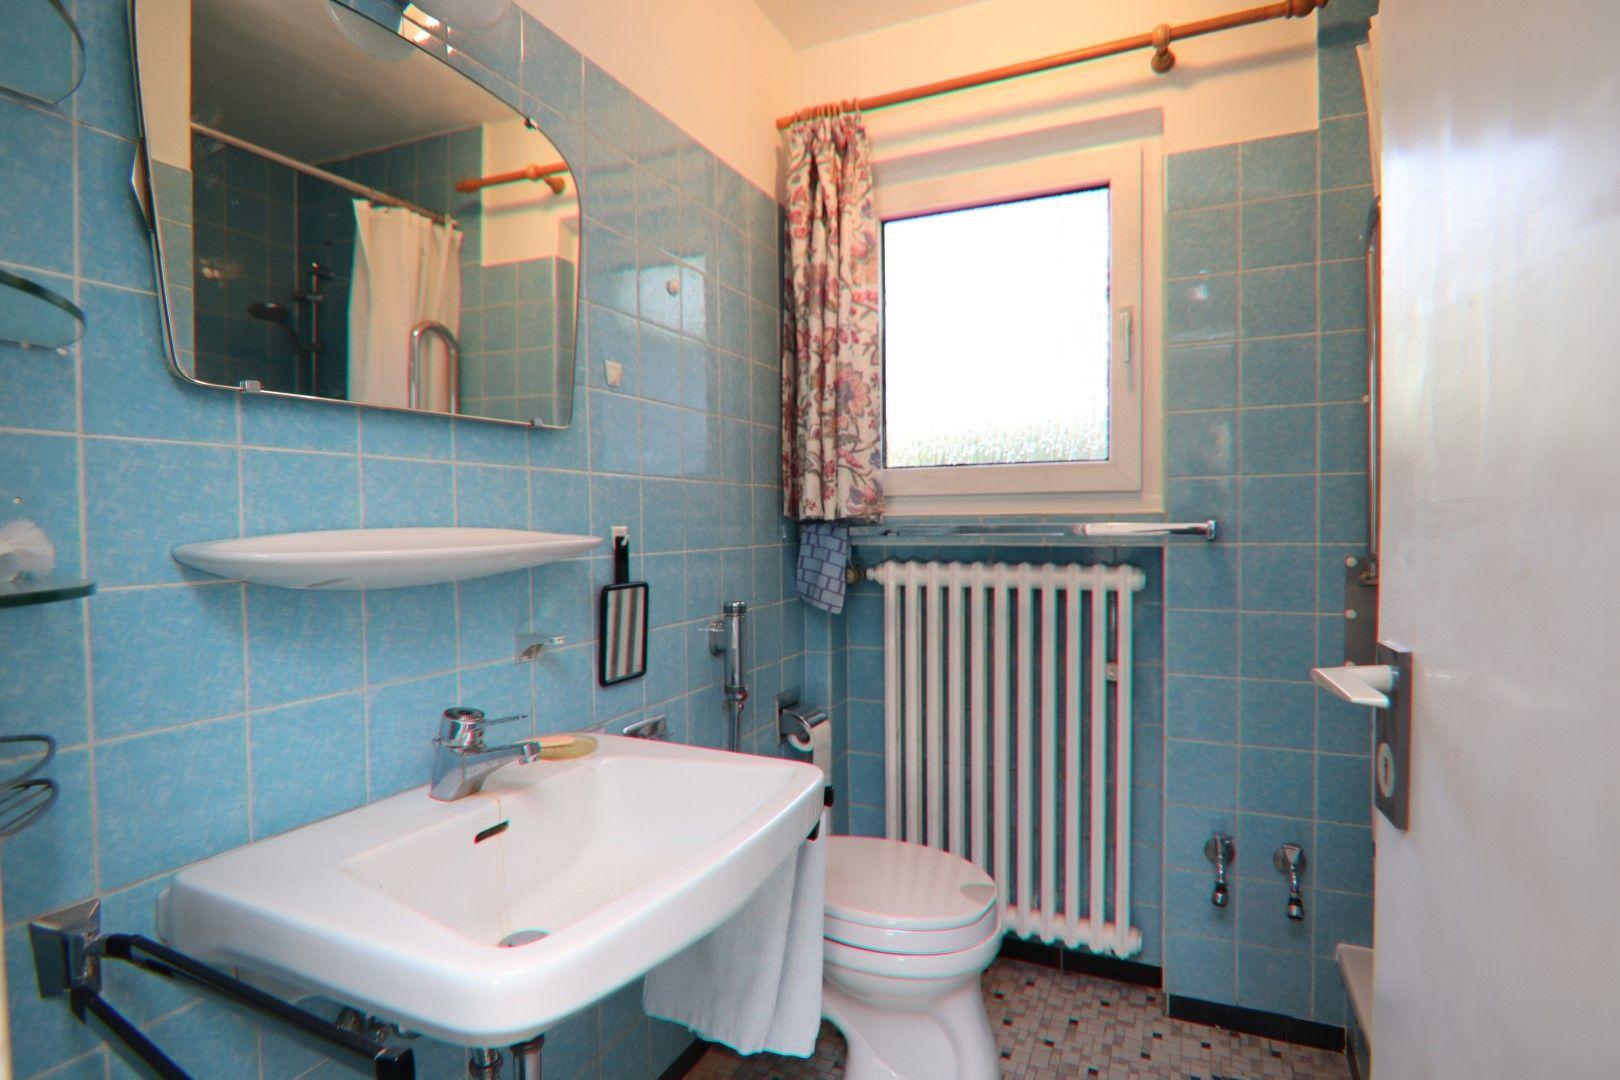 Immobilie Nr.0273 - Doppelhaushälfte in WEG mit Garten & Terrasse - Bild 10.jpg